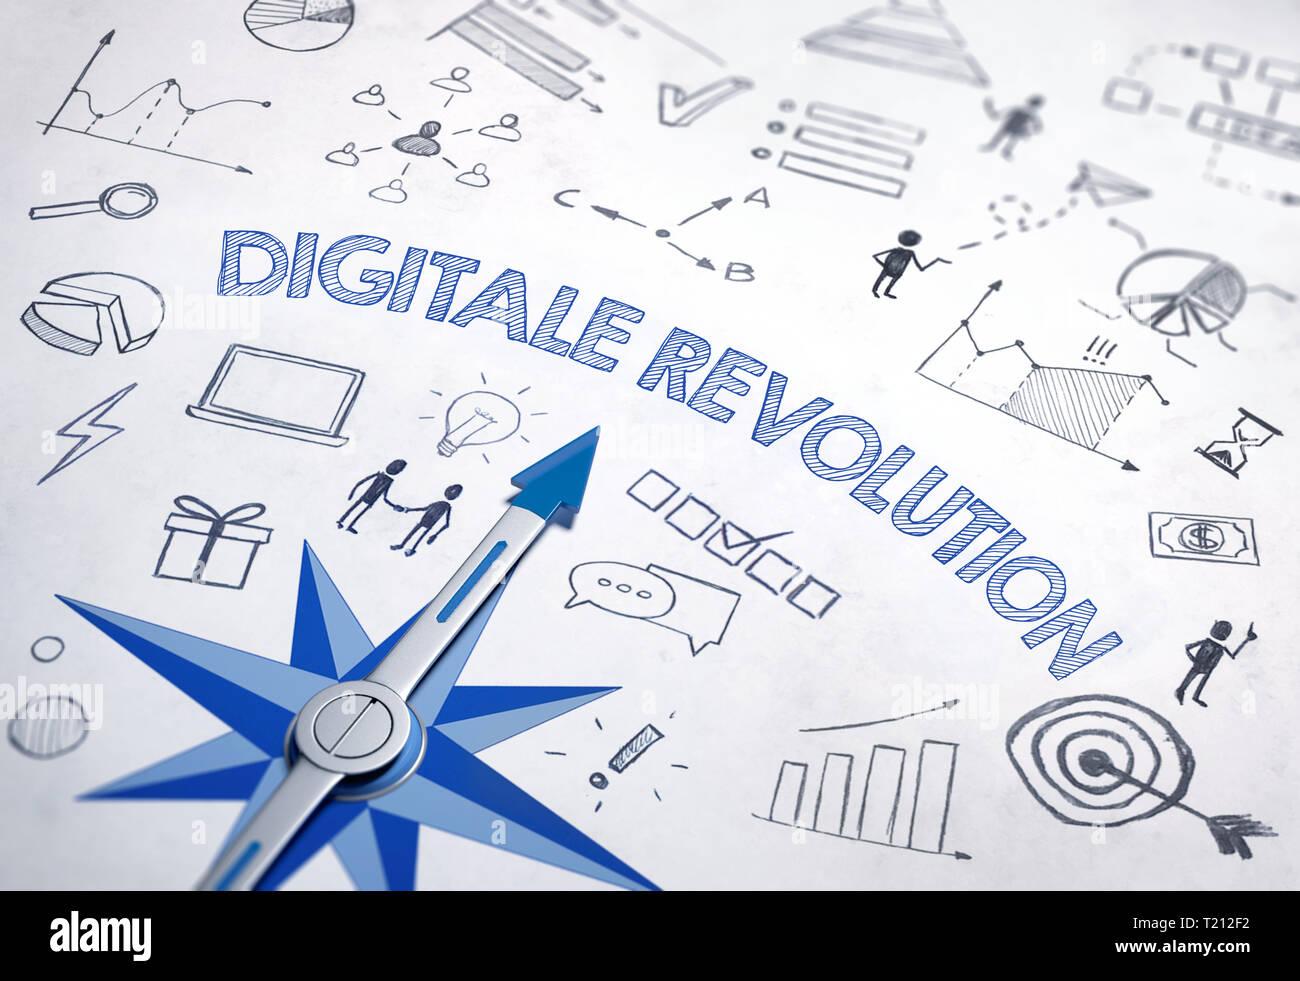 La rivoluzione digitale (tedesco per 'Digital Revolution') scritto in grassetto, il carattere blu in un design con bussola e vari schizzi. Il rendering 3D Immagini Stock